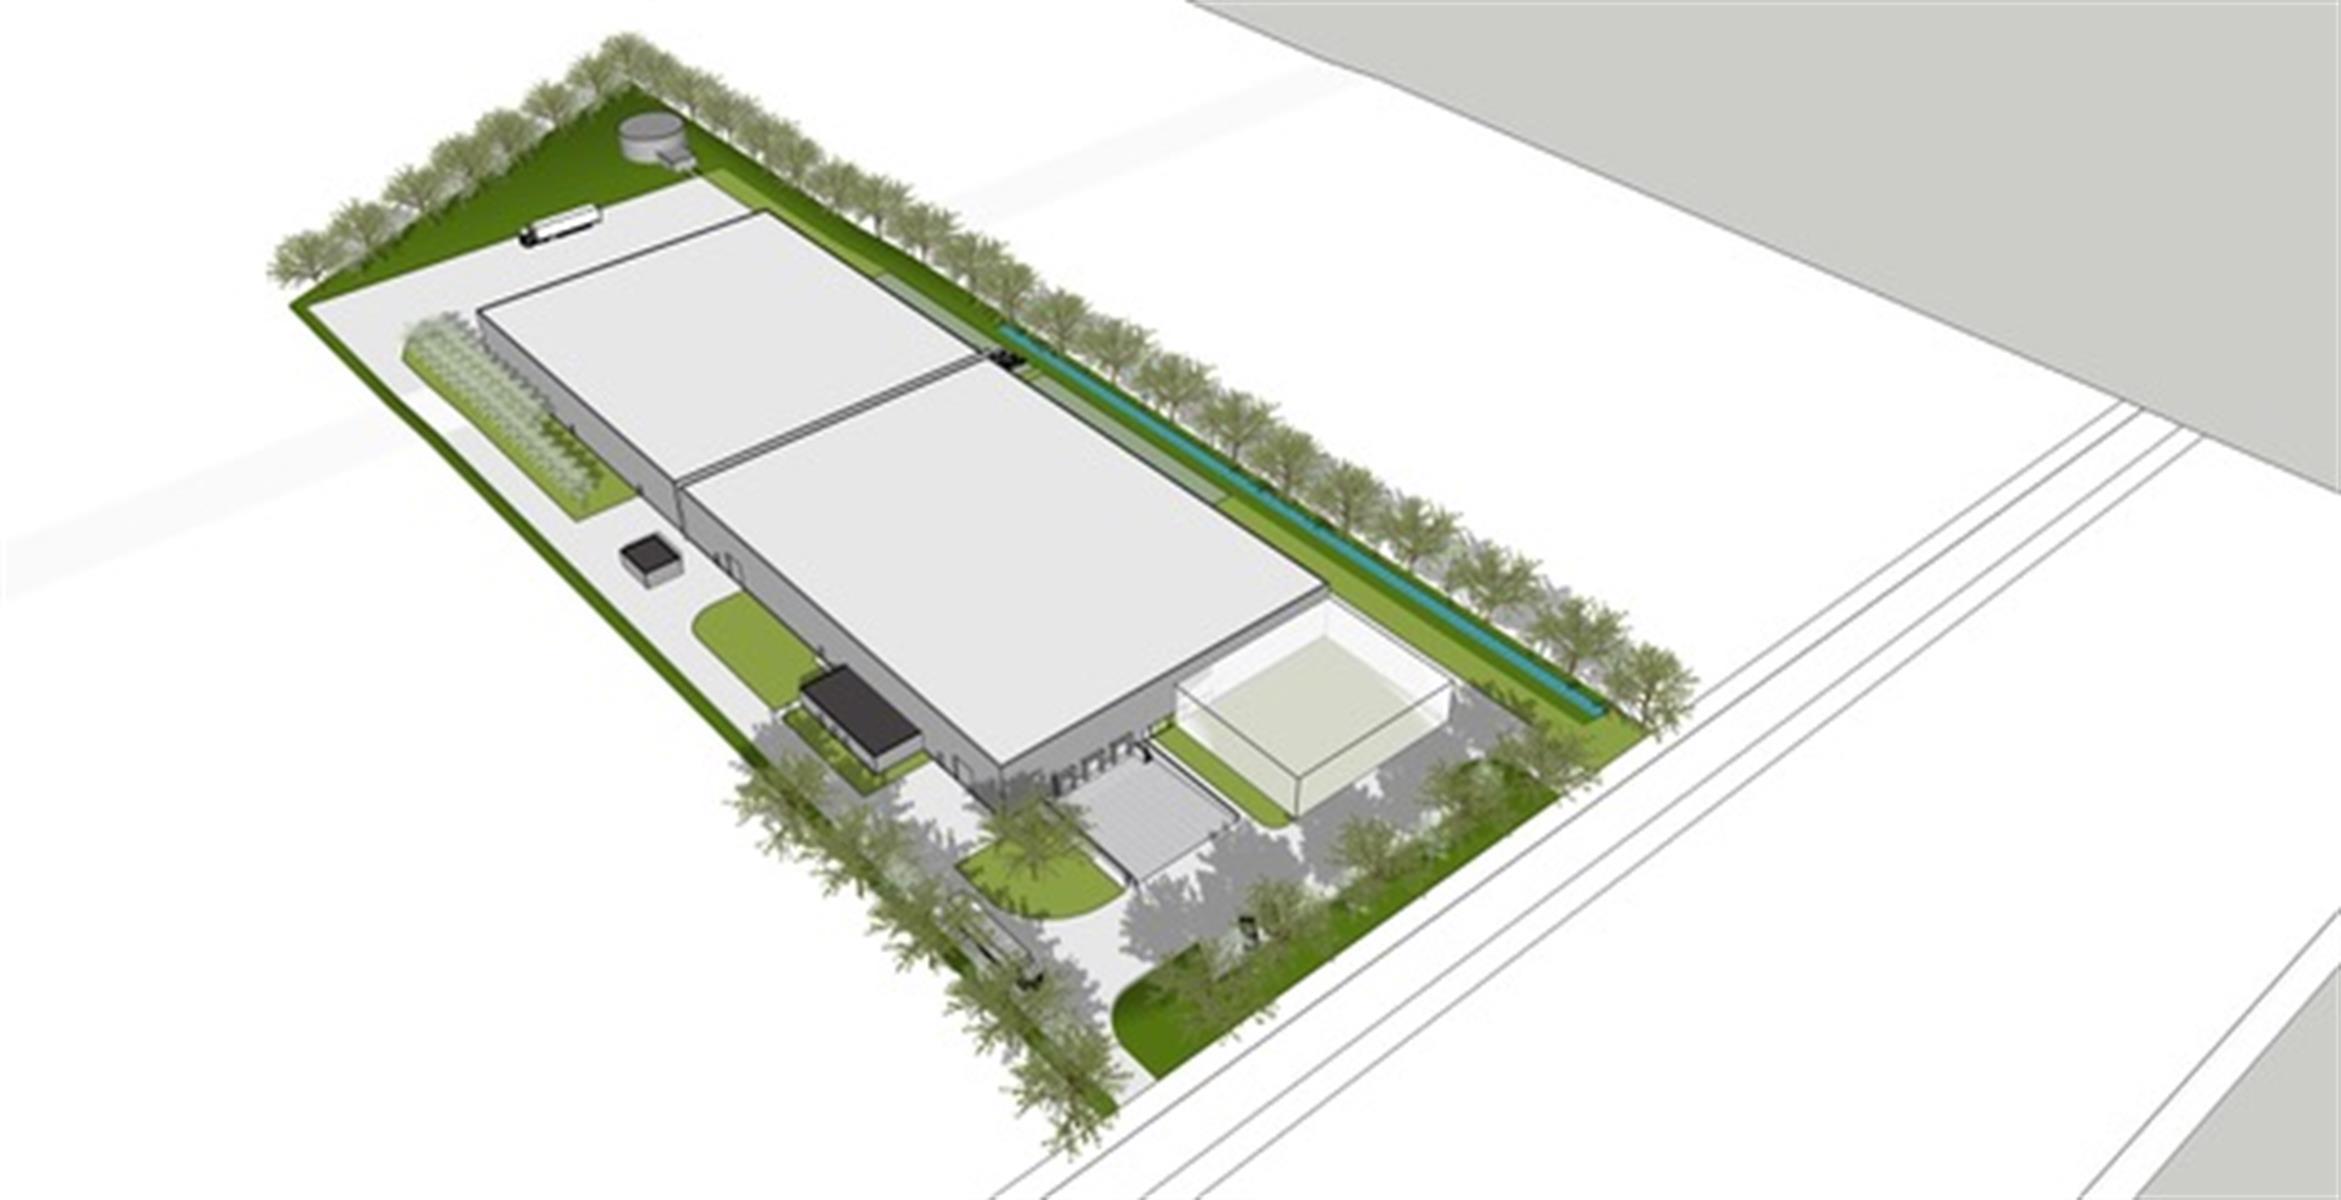 gebouw voor gemengd gebruik te huur I166 - Essenschotstraat 2, 3980 Tessenderlo, België 5